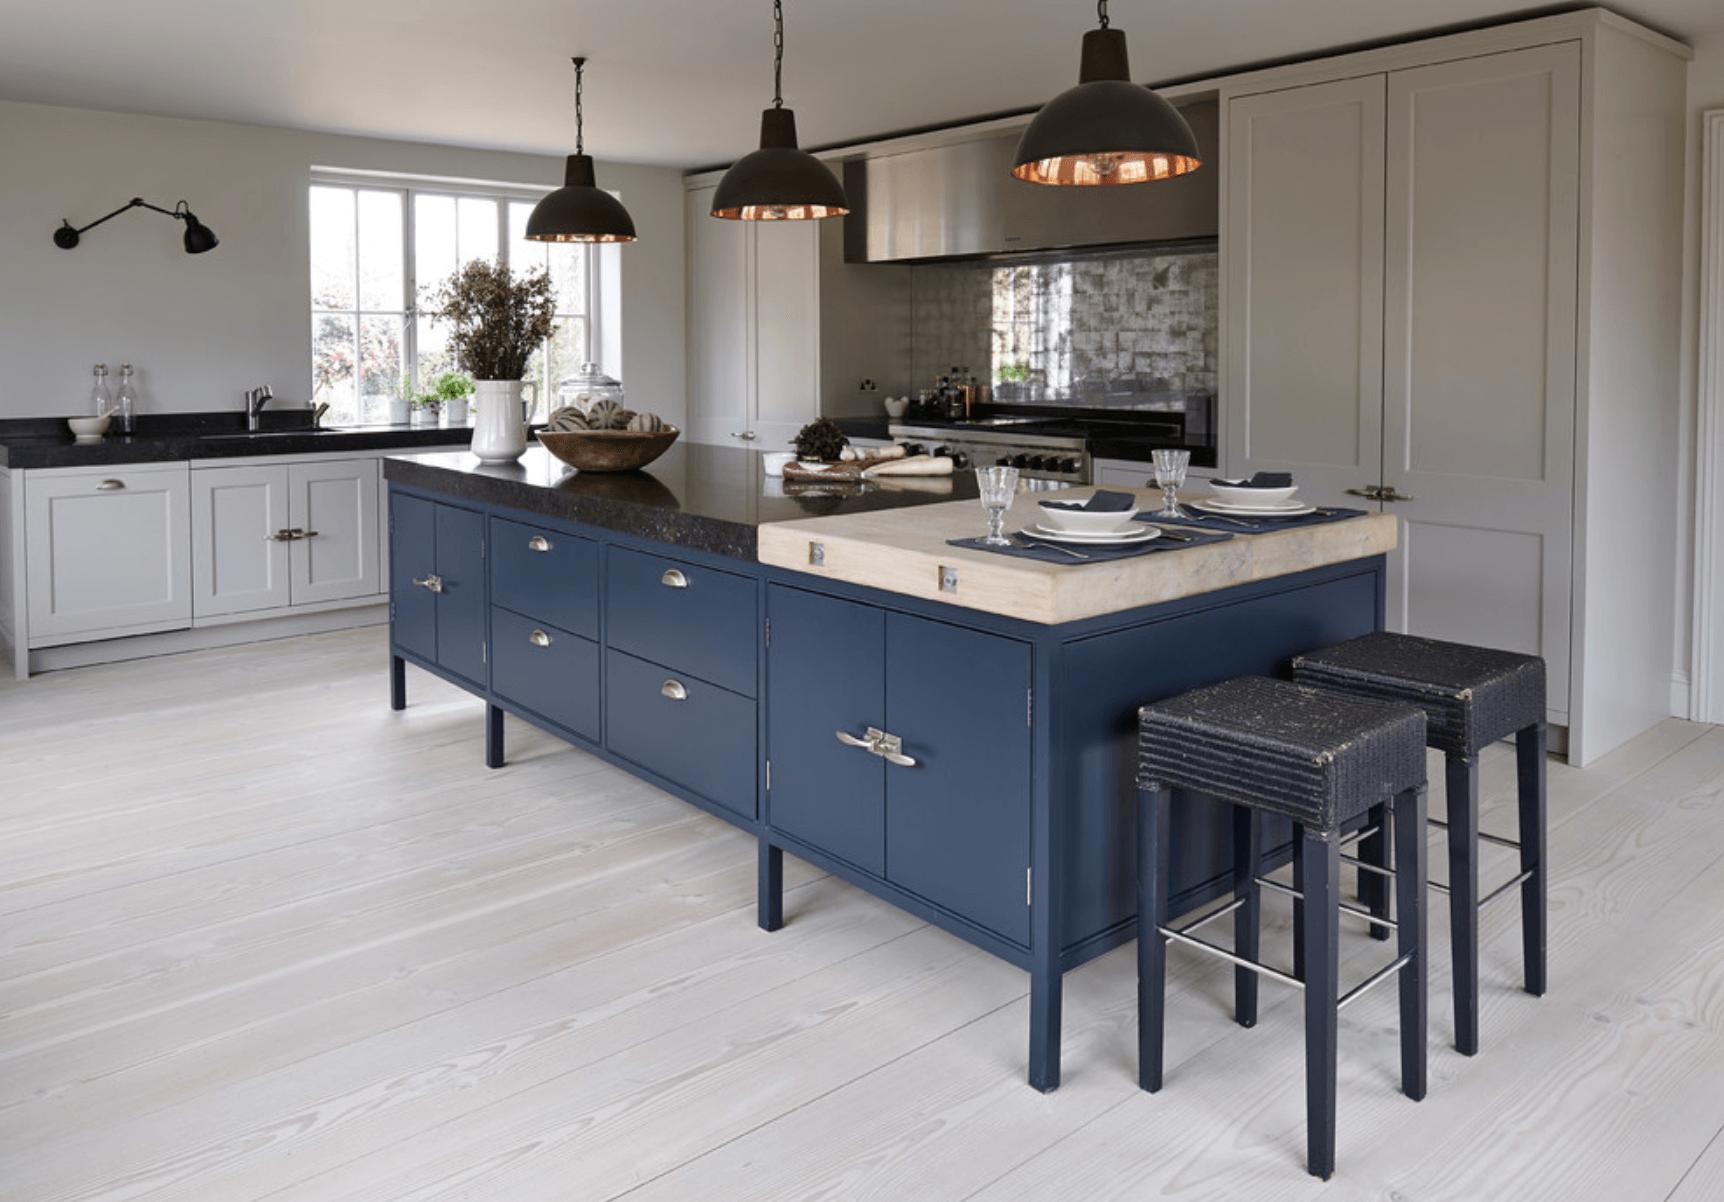 Navy Blue Kitchens That Look Cool And: Идеи за цветове, с които кухнята да засияе